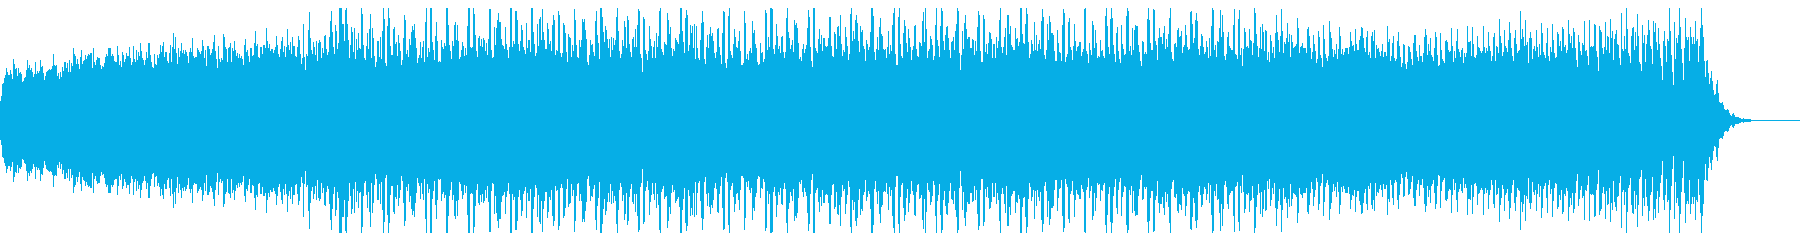 明るく温かい多目的用途オーケストラル楽曲の再生済みの波形